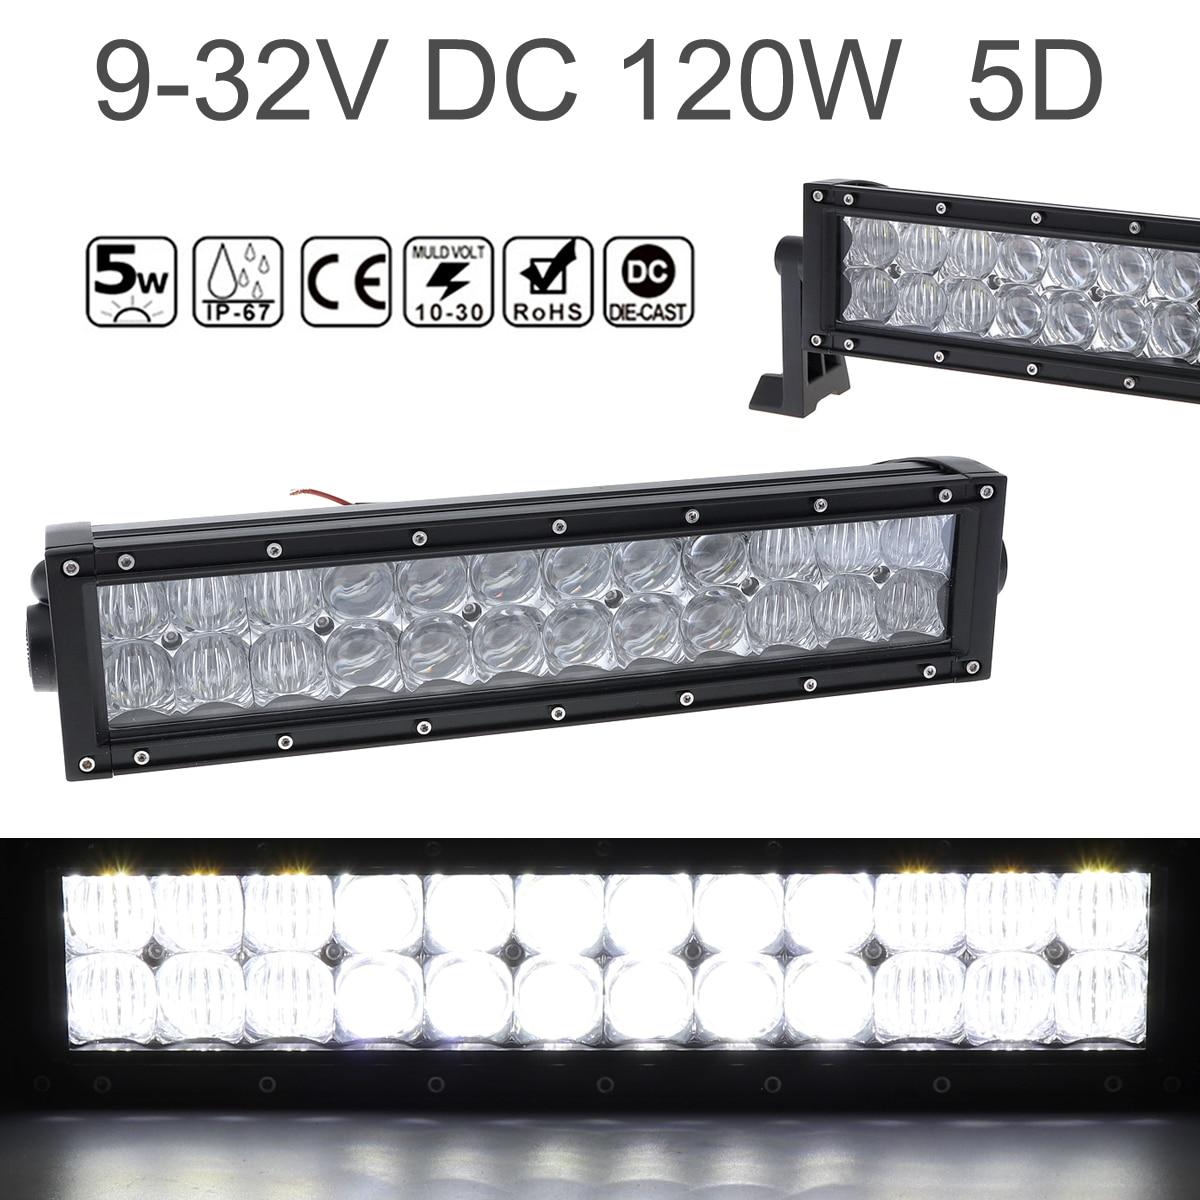 12 pouces 120 W Voiture LED Lampe de Travail Bar 24x 5D Puces Combo Offroad Lumière Conduite Lampe pour Camion SUV 4X4 4WD ATV